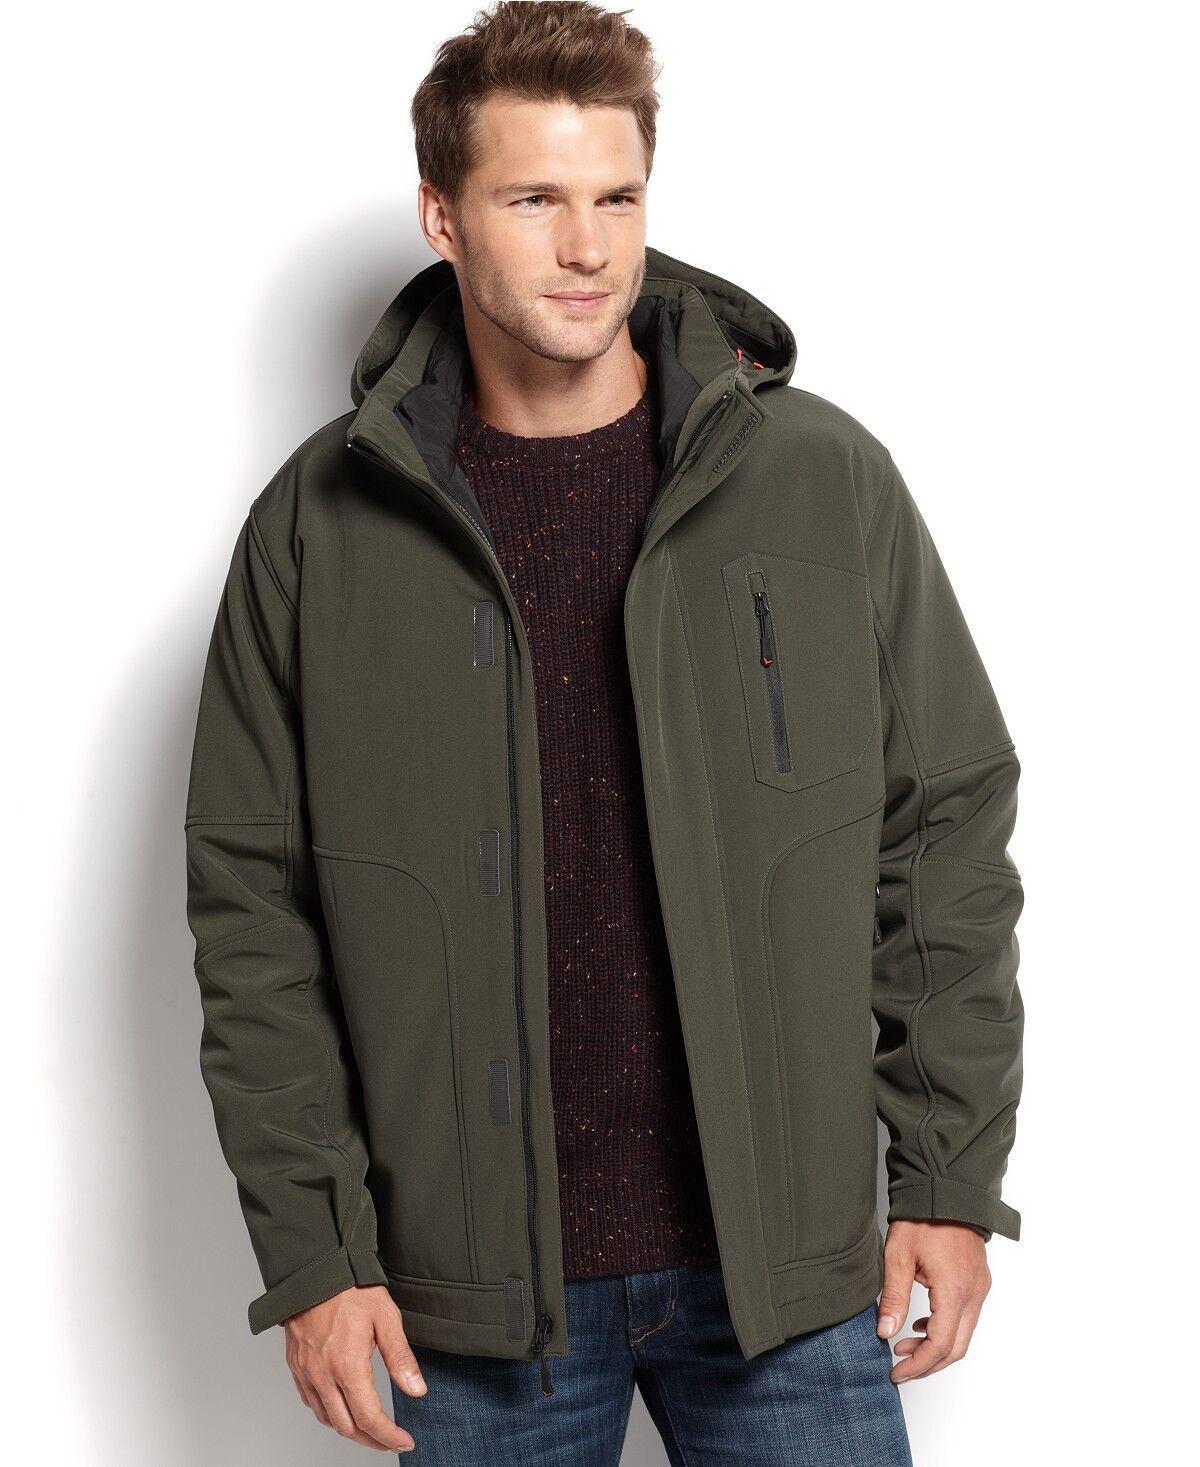 288 Hawke & Co Hombres  verde Softshell Parka con Capucha Abrigo Chaqueta de Plumón XL aislado  online al mejor precio